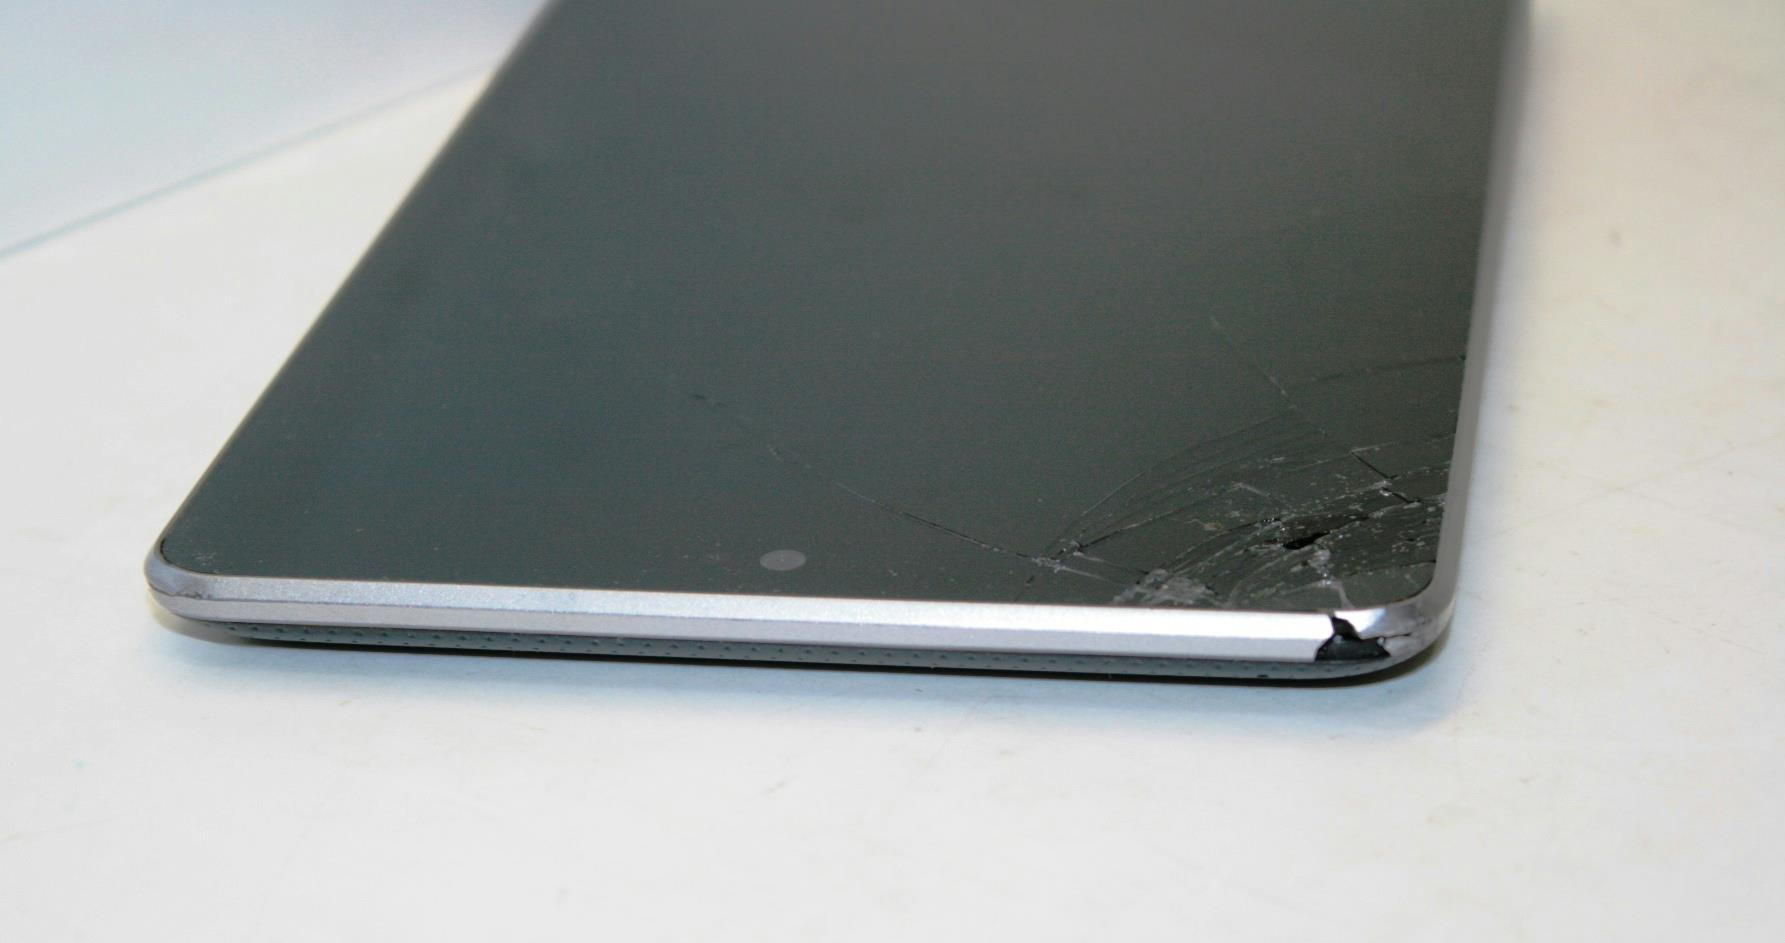 asus 32gb google nexus 7 tablet as is nexus7 asus 1b32. Black Bedroom Furniture Sets. Home Design Ideas